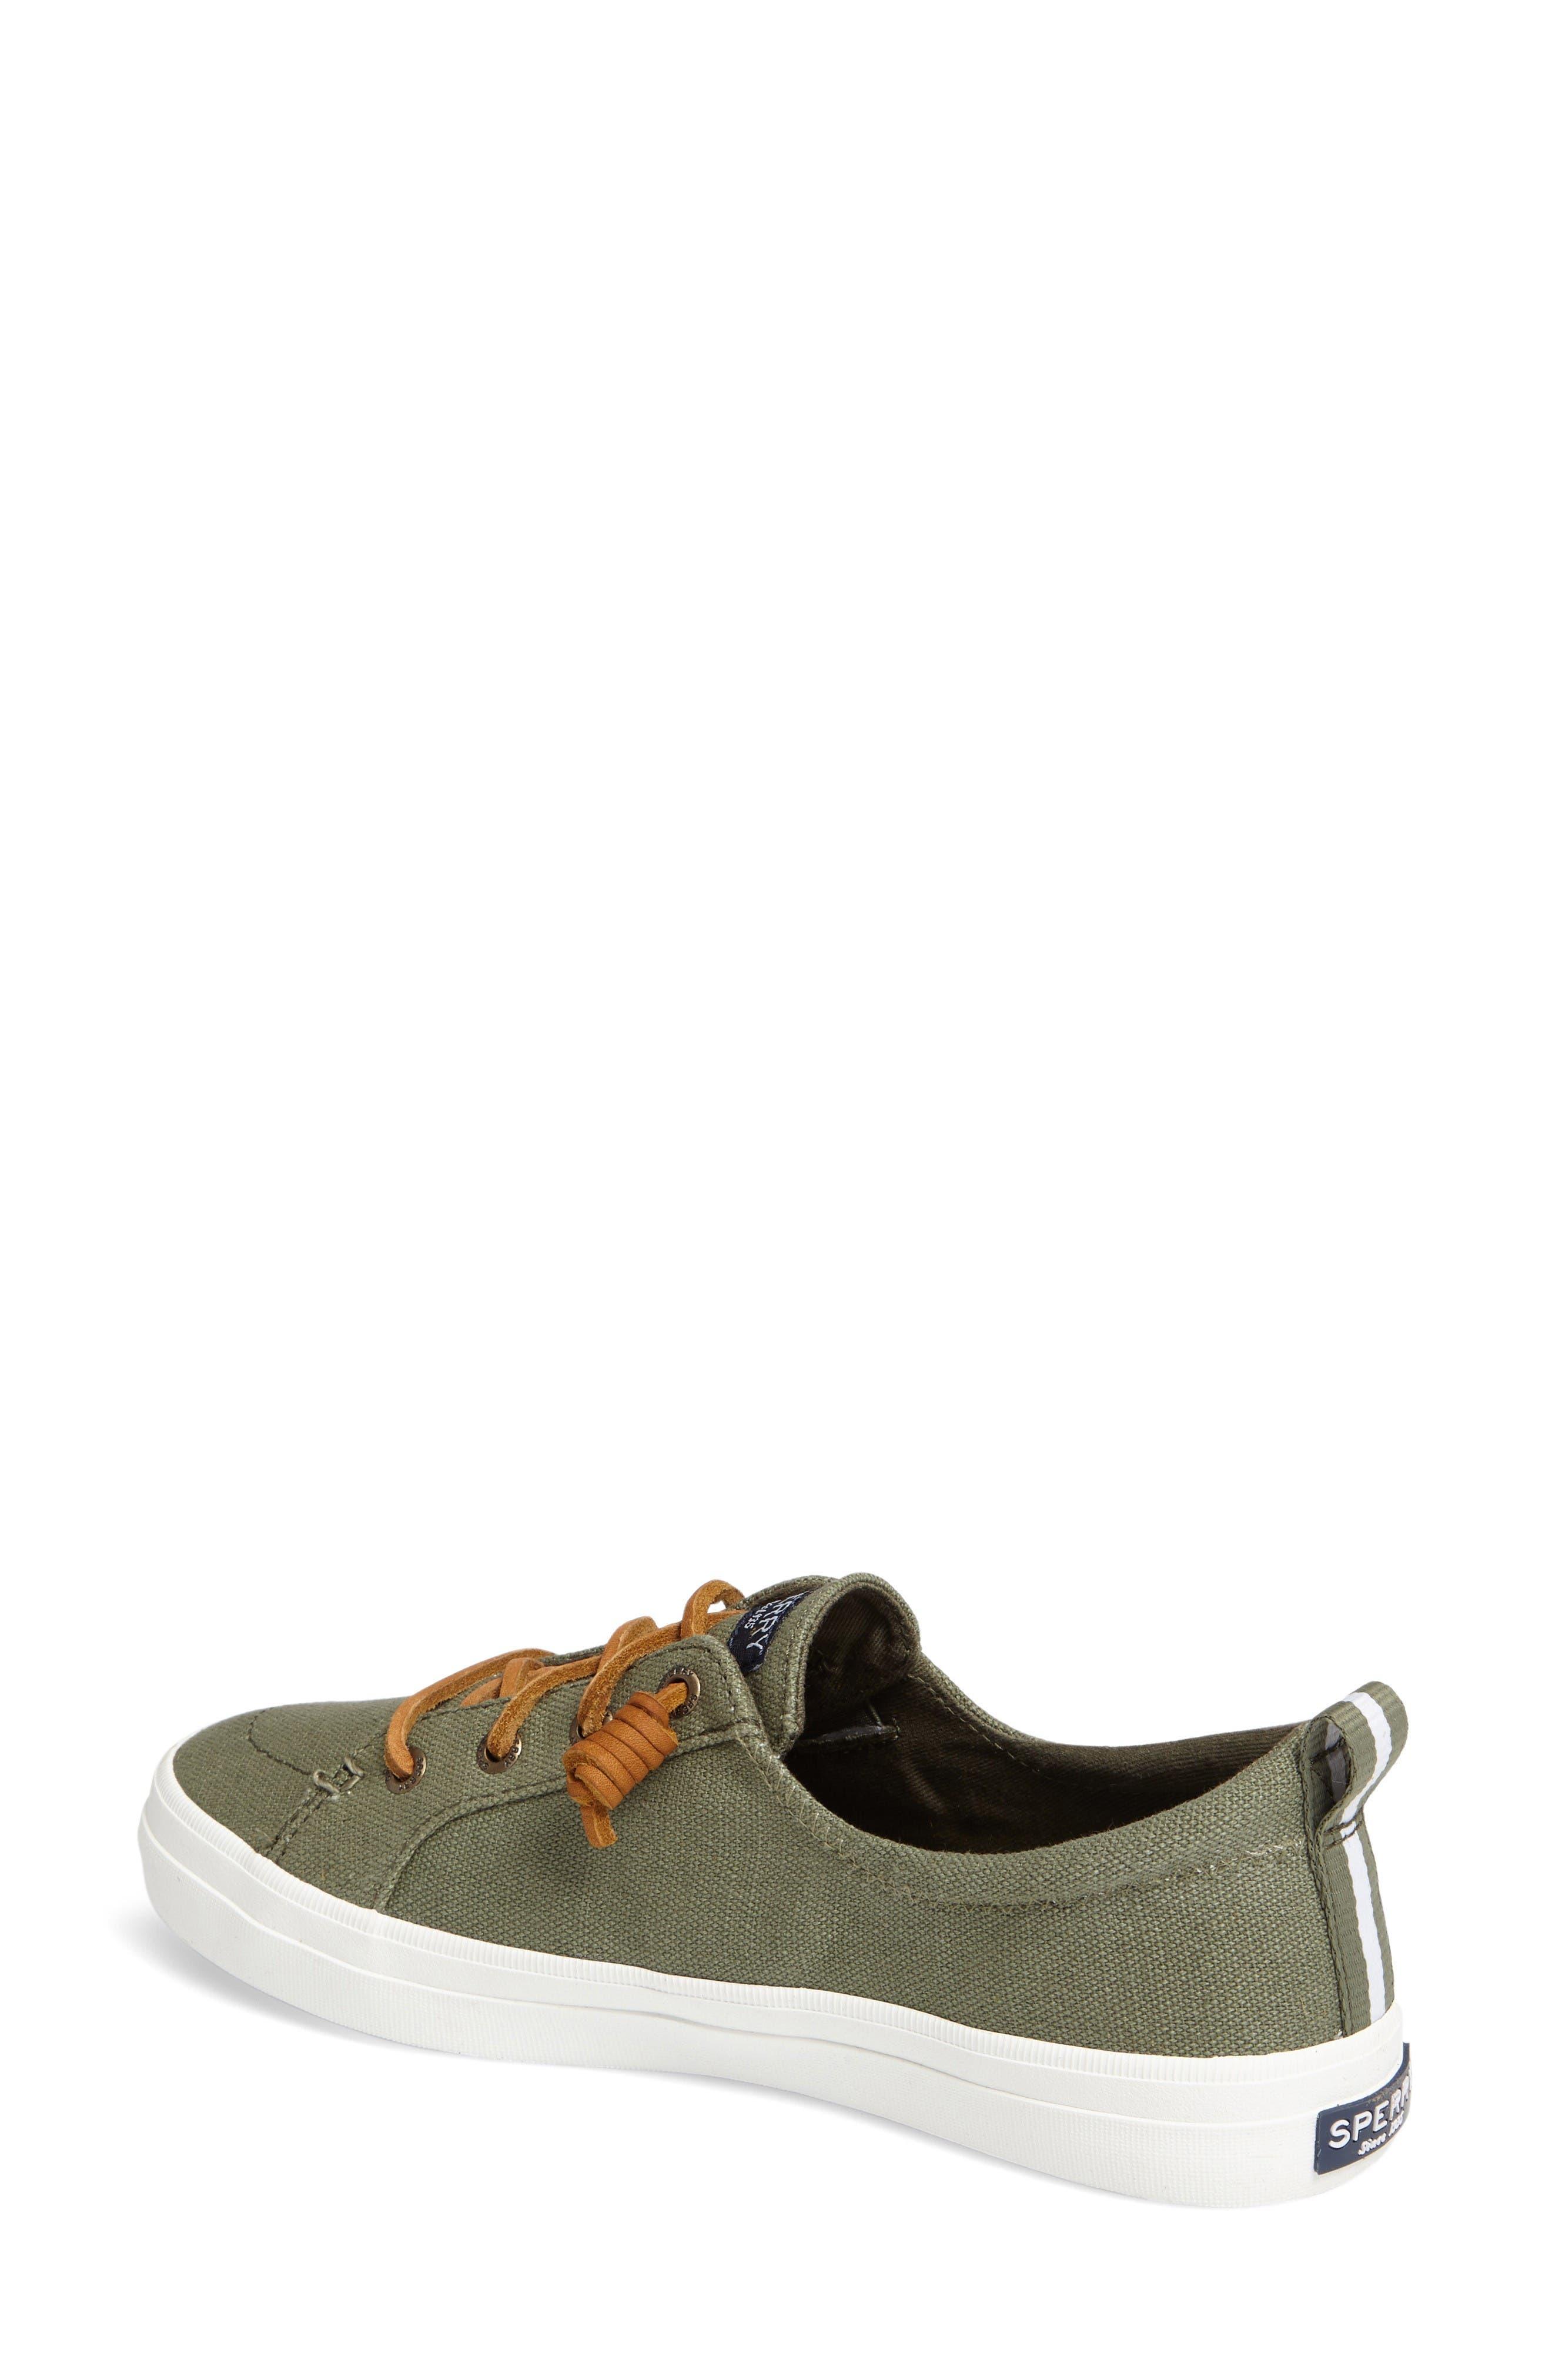 Alternate Image 2  - Sperry Crest Vibe Slip-On Sneaker (Women)